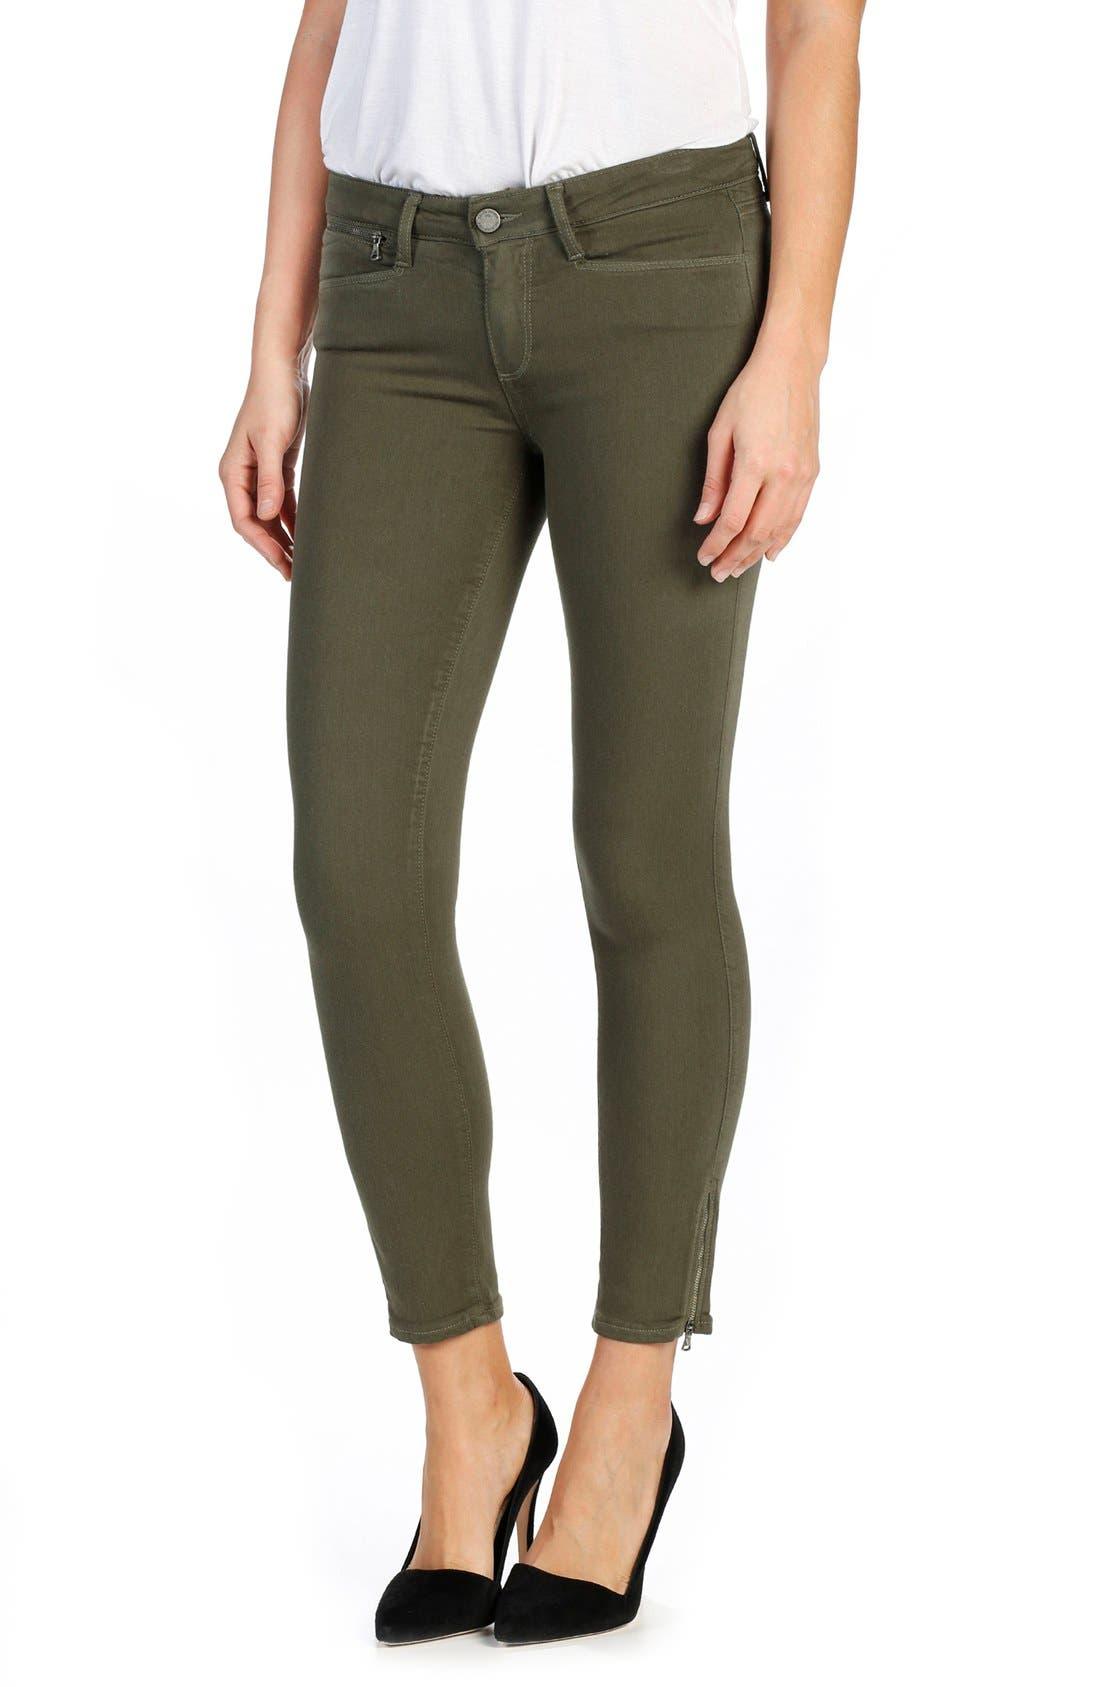 Main Image - PAIGE Transcend Shay Ankle Skinny Jeans (Olive Leaf)